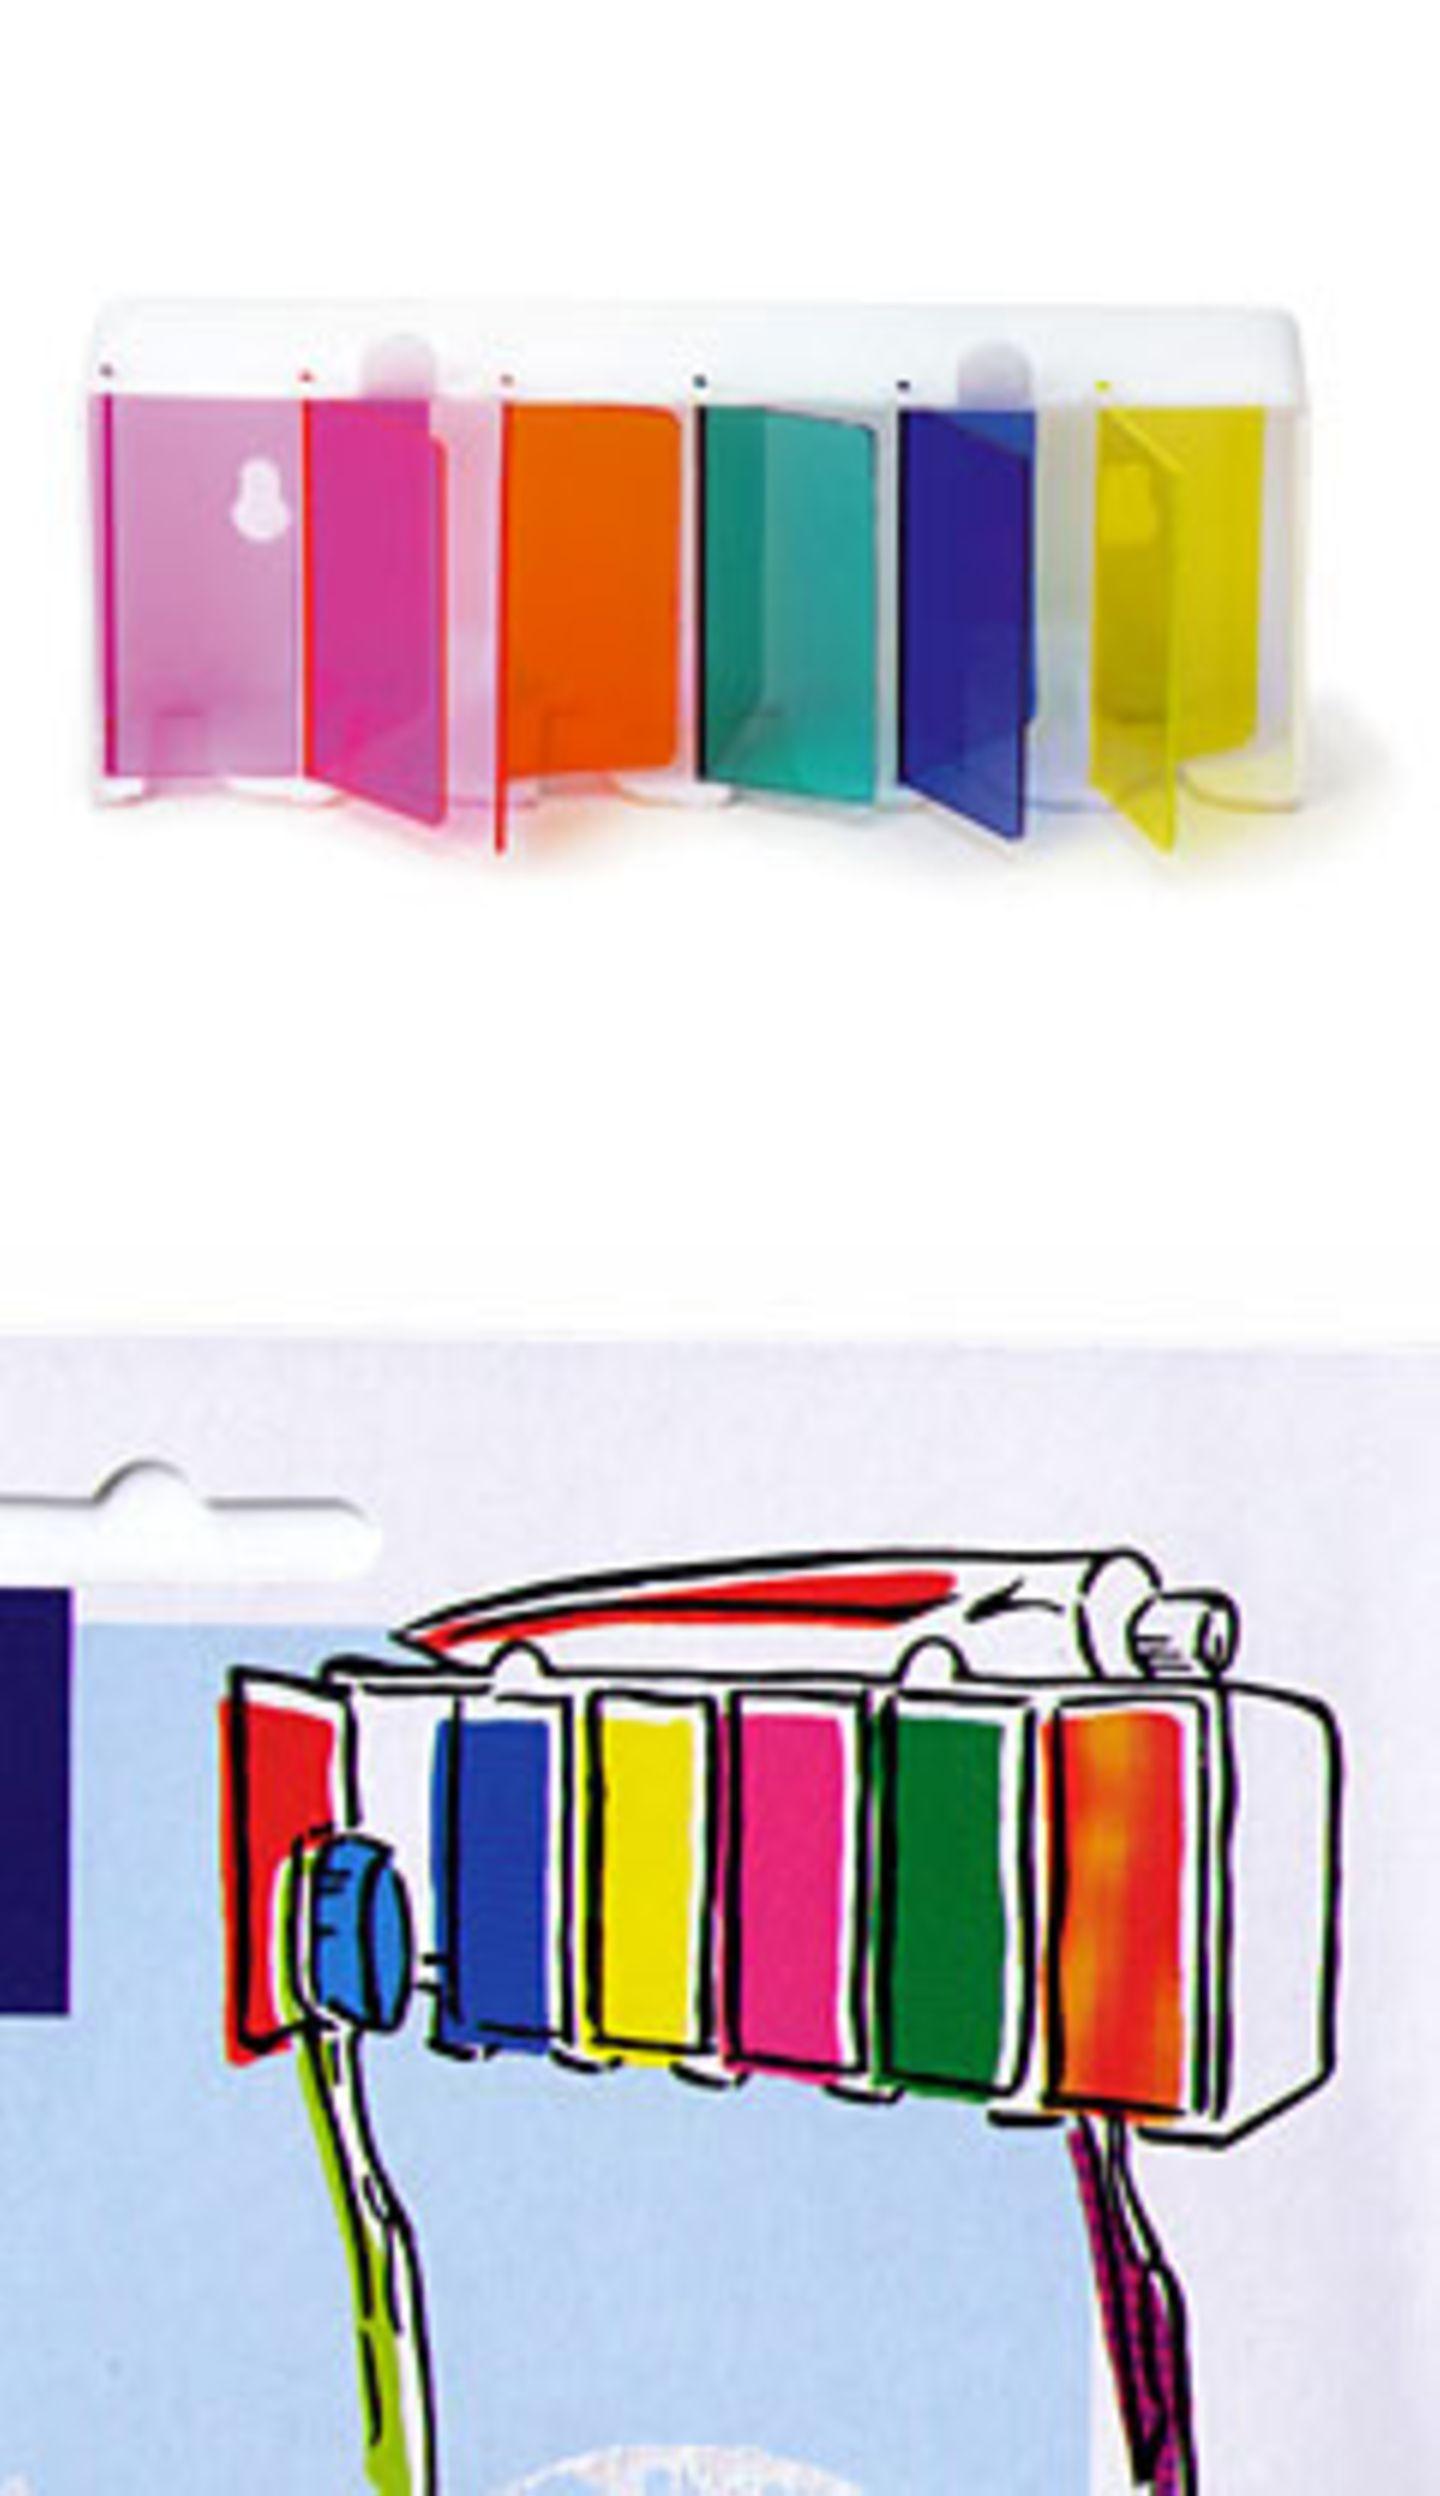 Putzmunter    Eine Zahnbürste kommt selten allein - auf jeden Fall in einer WG. Und damit im Bad jeder seine Bürste schnell zur Hand hat, gibt es diesen farbenfrohen Zahnbürstenhalter aus Plastik für sechs Bürsten. Selbstklebend oder mit Schraubvorrichtung. Maße: 15x6x3 cm. Zu bestellen für 3,50 Euro zzgl. Versandkosten über >> www.okversand.com